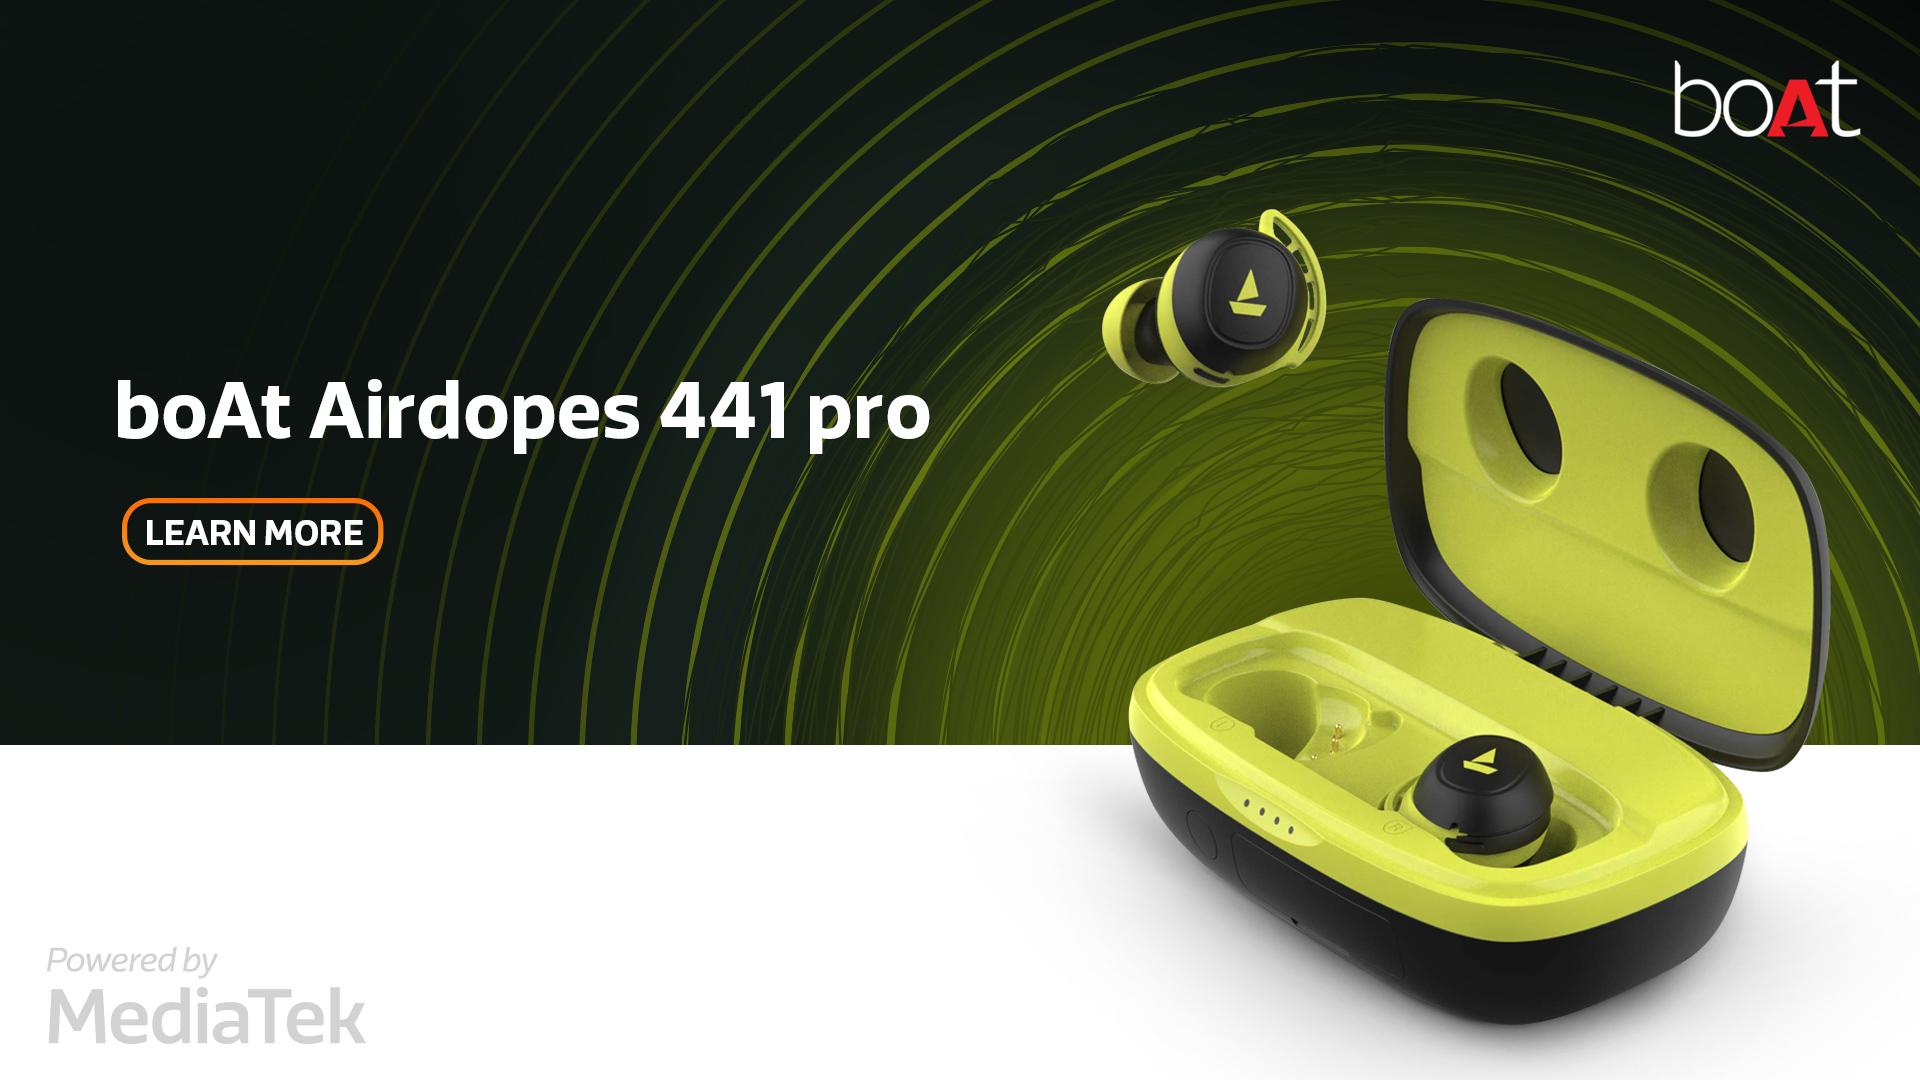 boAt-Airdopes-441-pro